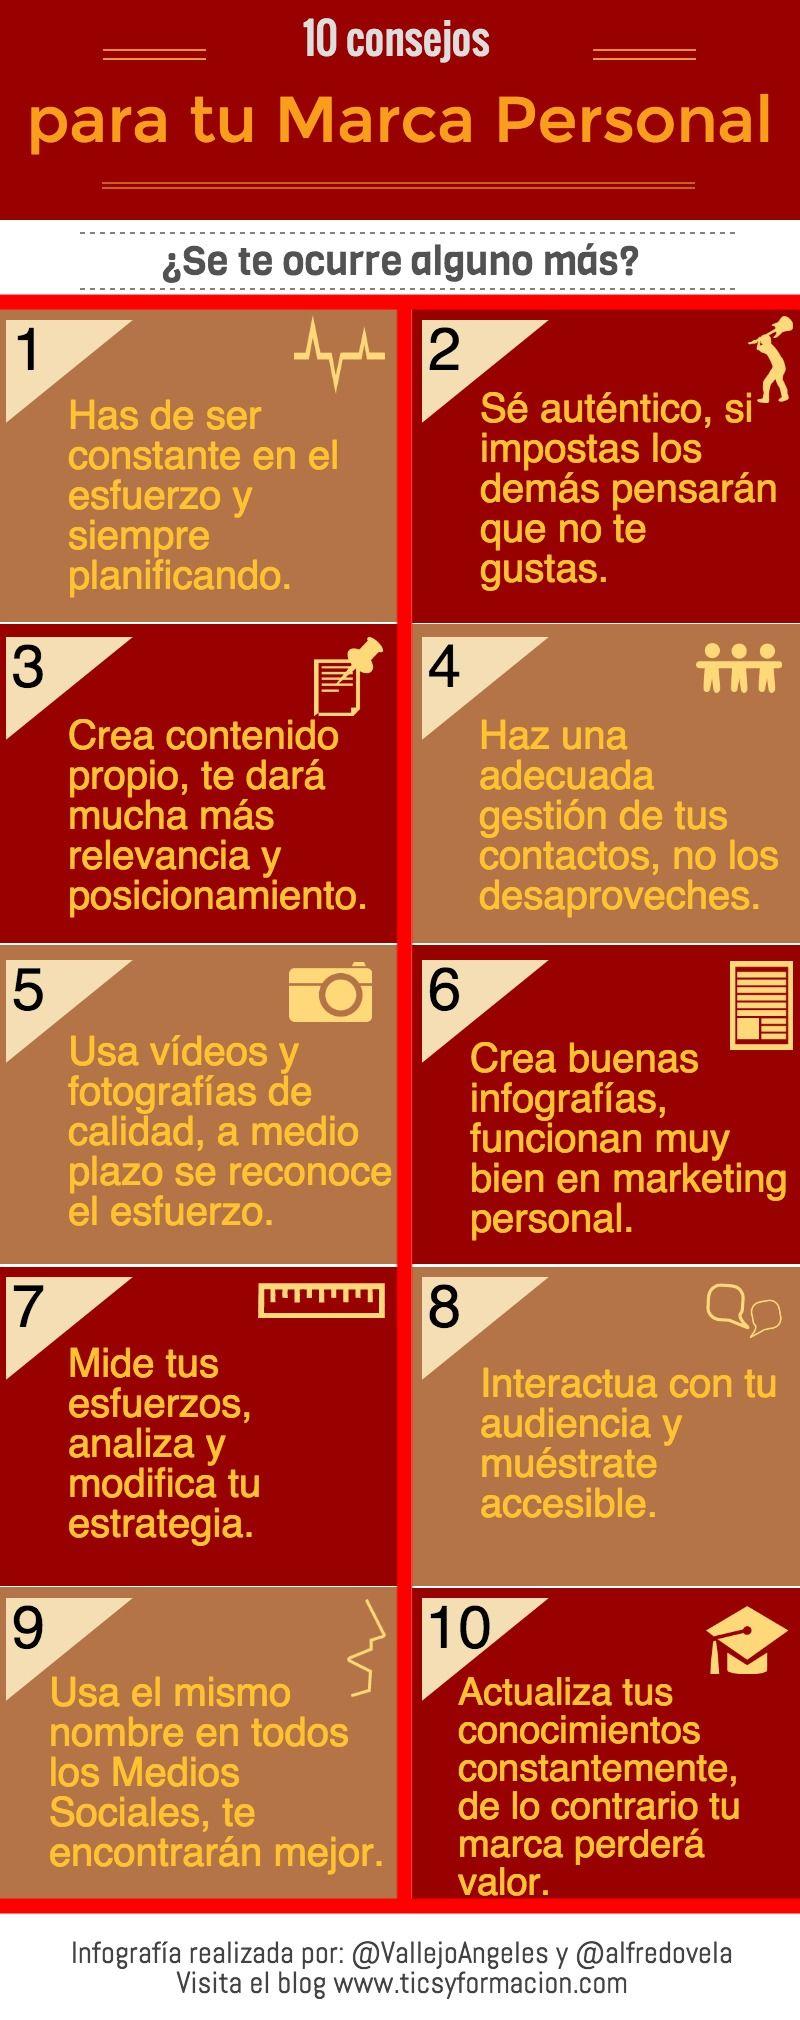 10 consejos para tu Marca Personal. #infografia